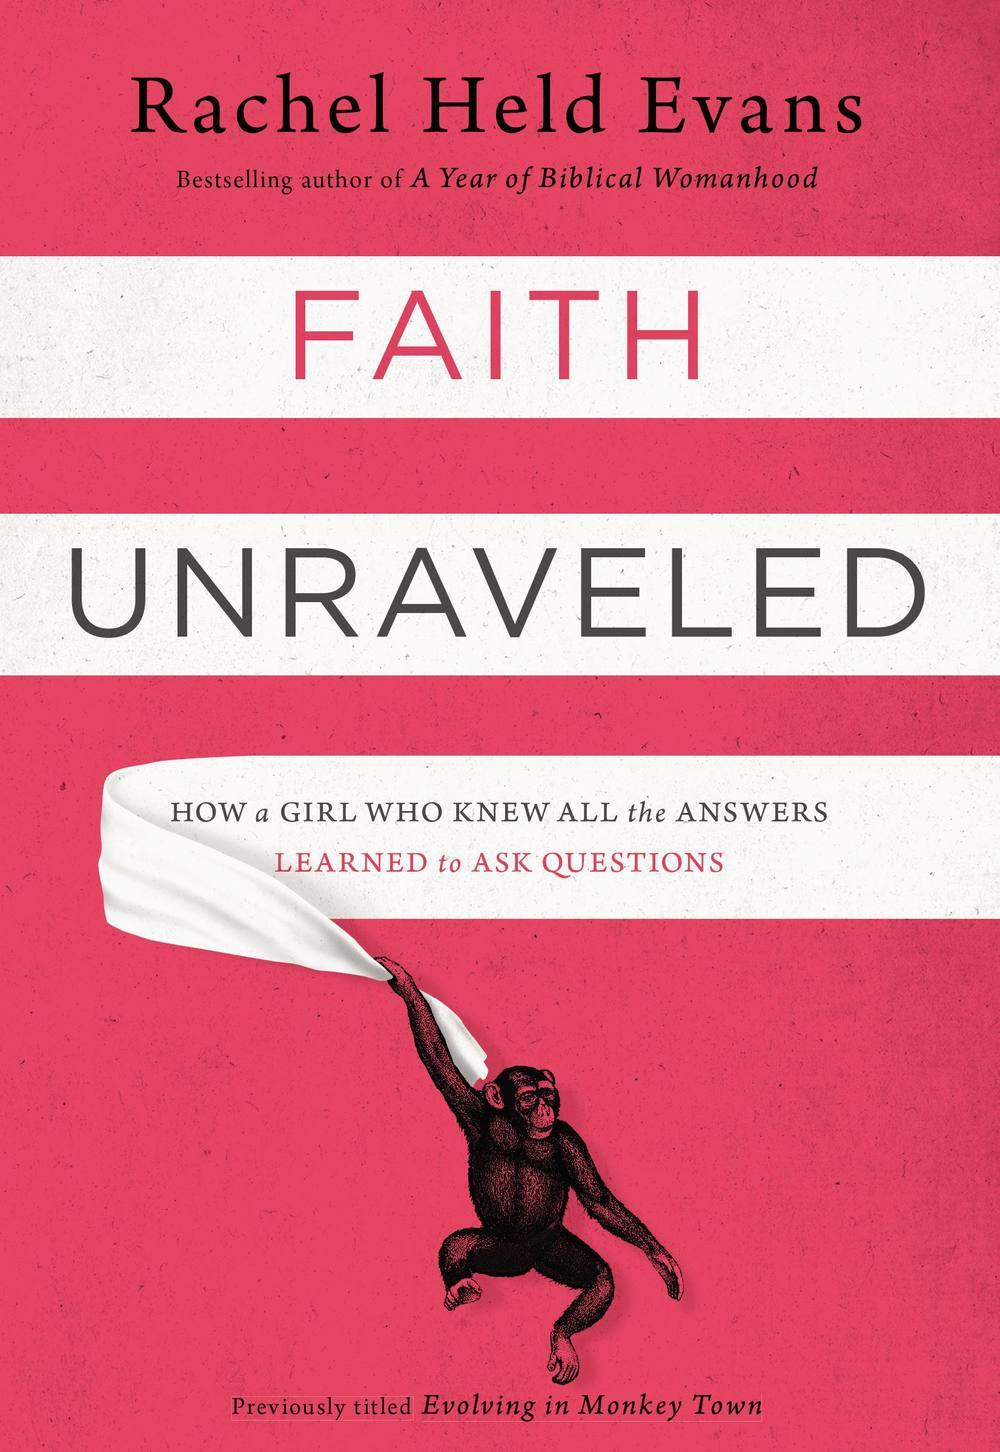 faith unraveleled.jpg